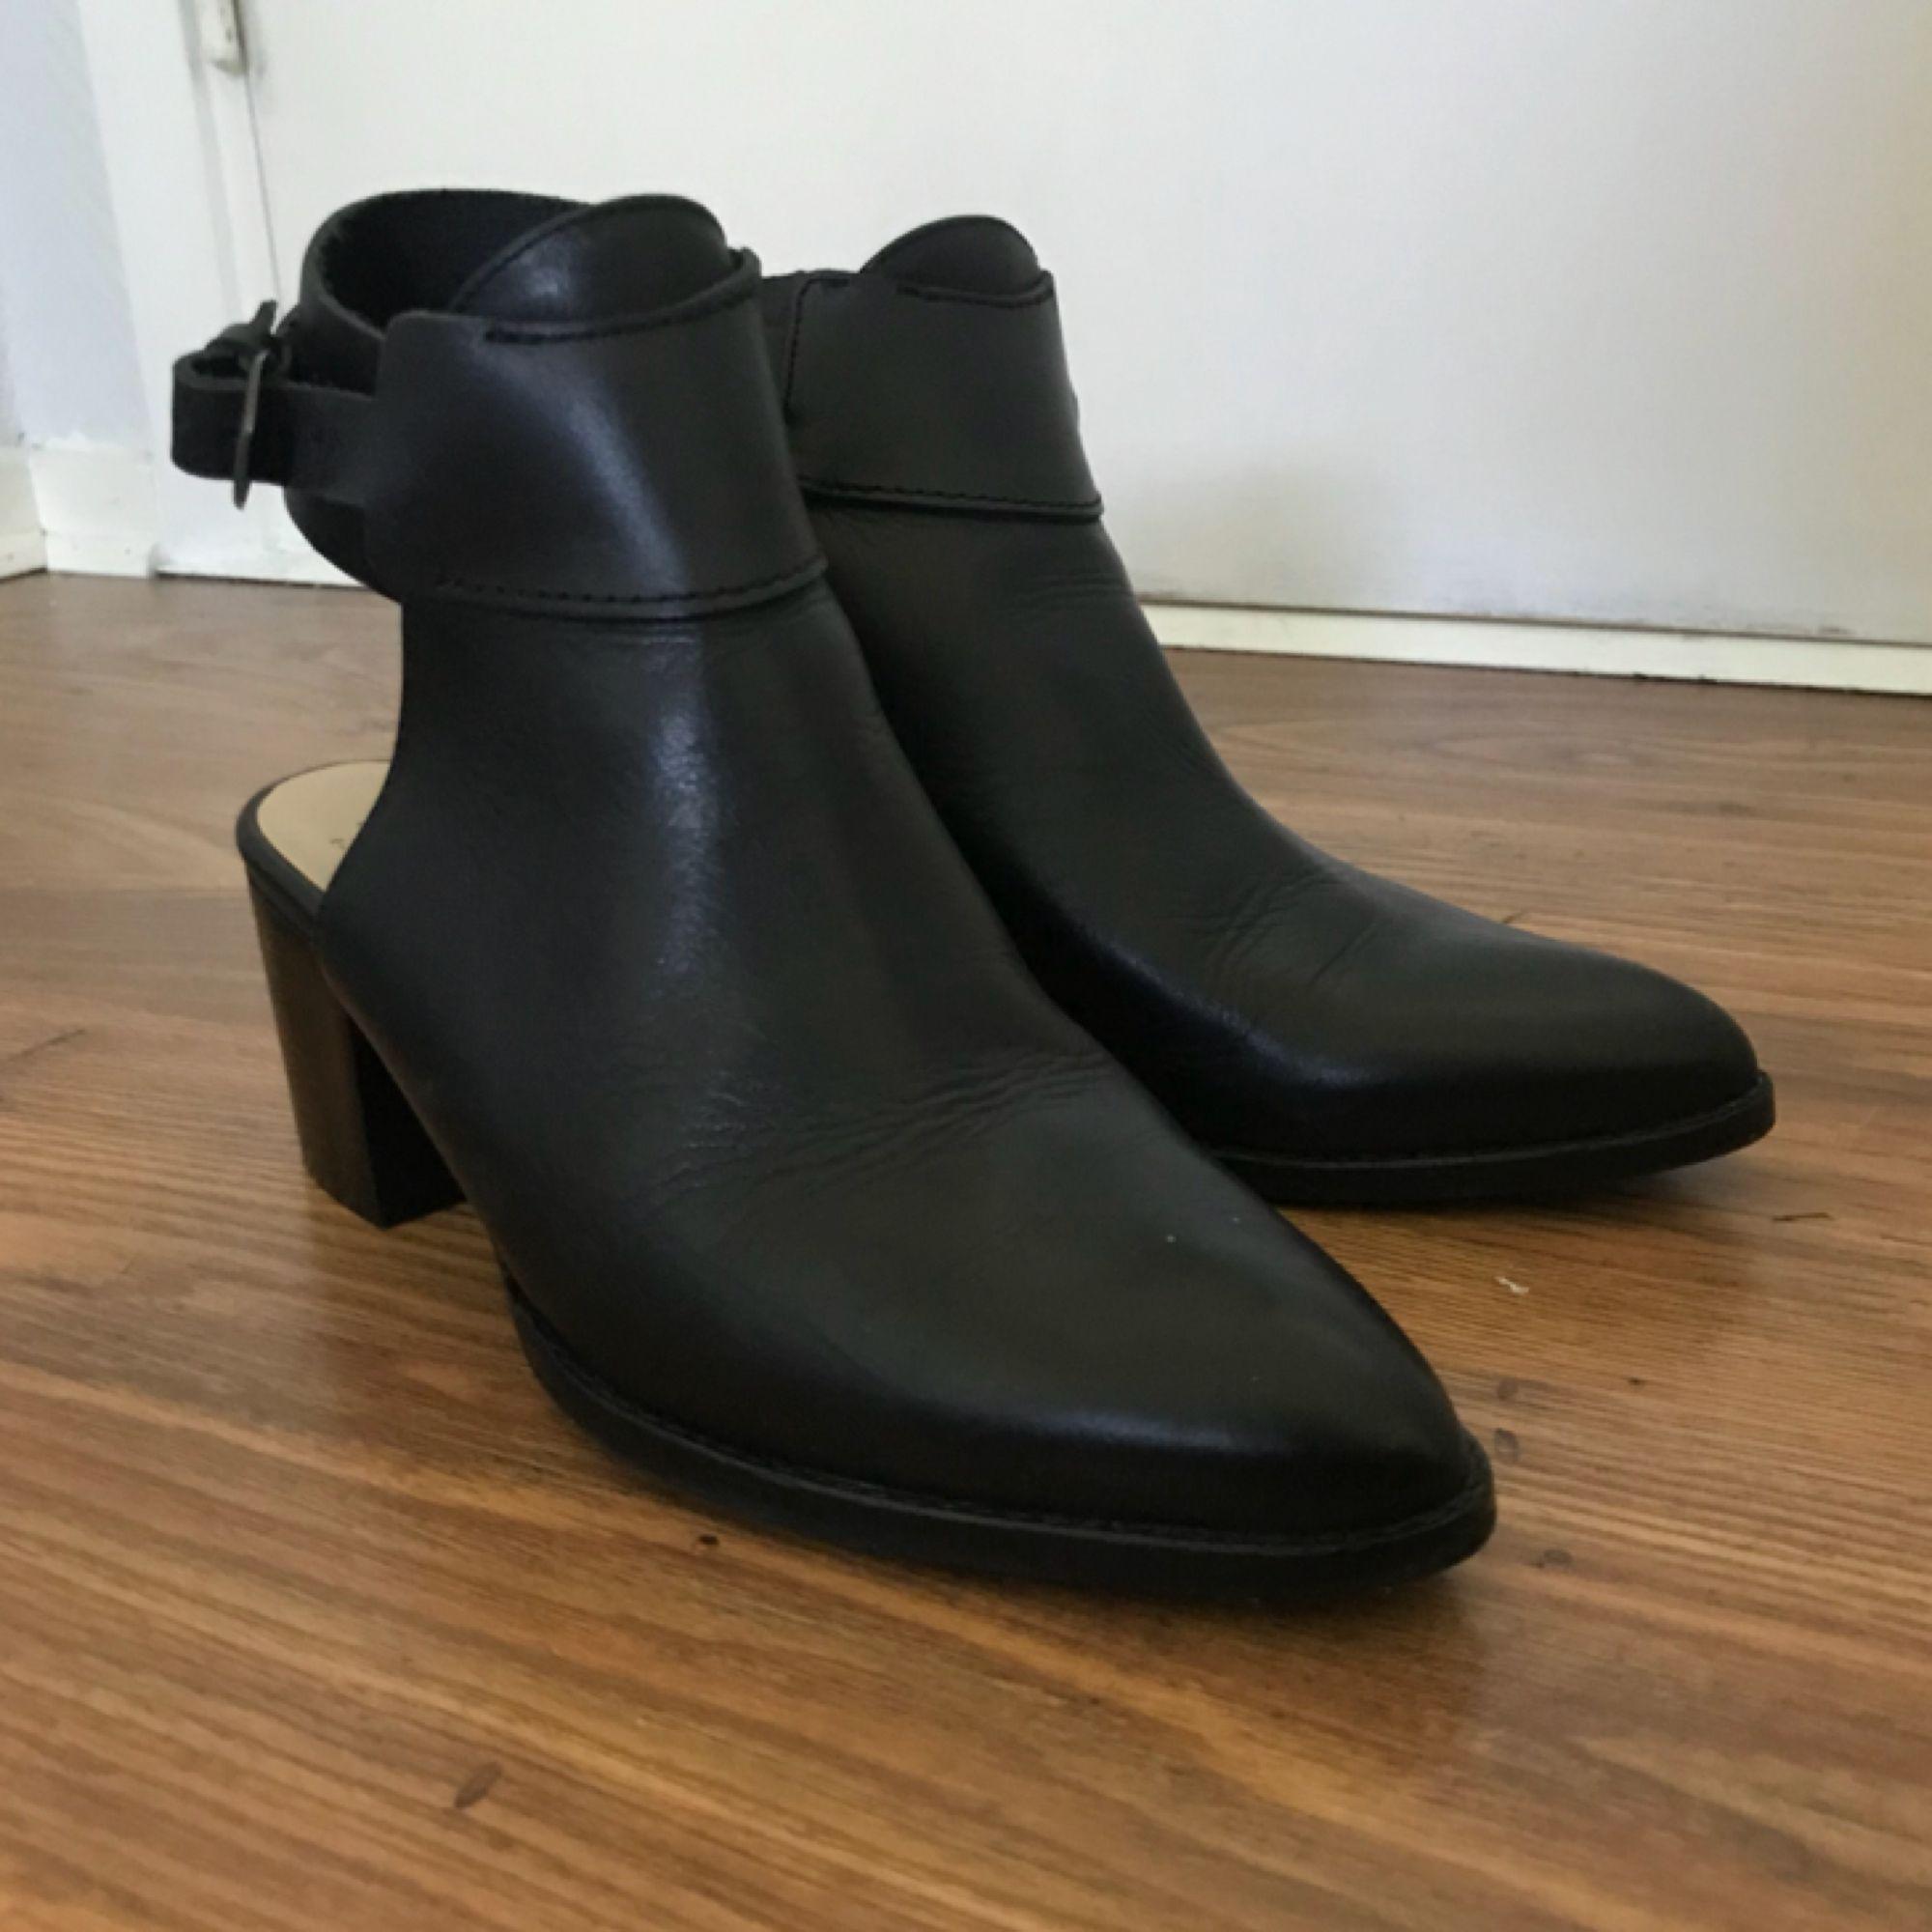 Svarta Open heel skor ifrån Zara i stl 36. Priset är inkl frakt, kika gärna in mina övriga annonser. . Skor.